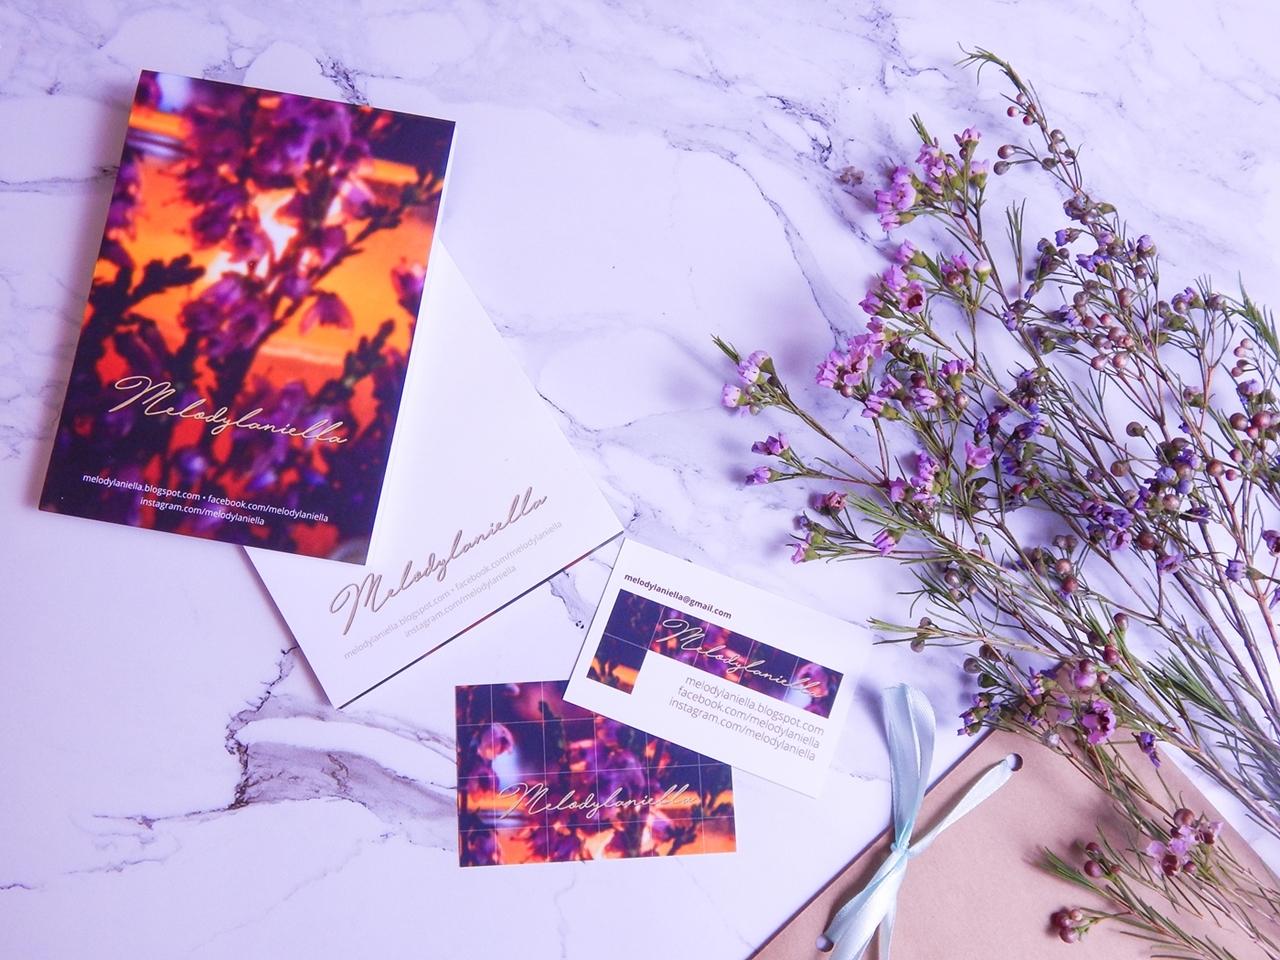 1 colour.me colourme colour me wizytówki druk wizytówek notesów kompleksowa obsługa firm gdzie wydrukować wizytówki zaproszenia kartki świąteczne melodylaniella recenzja